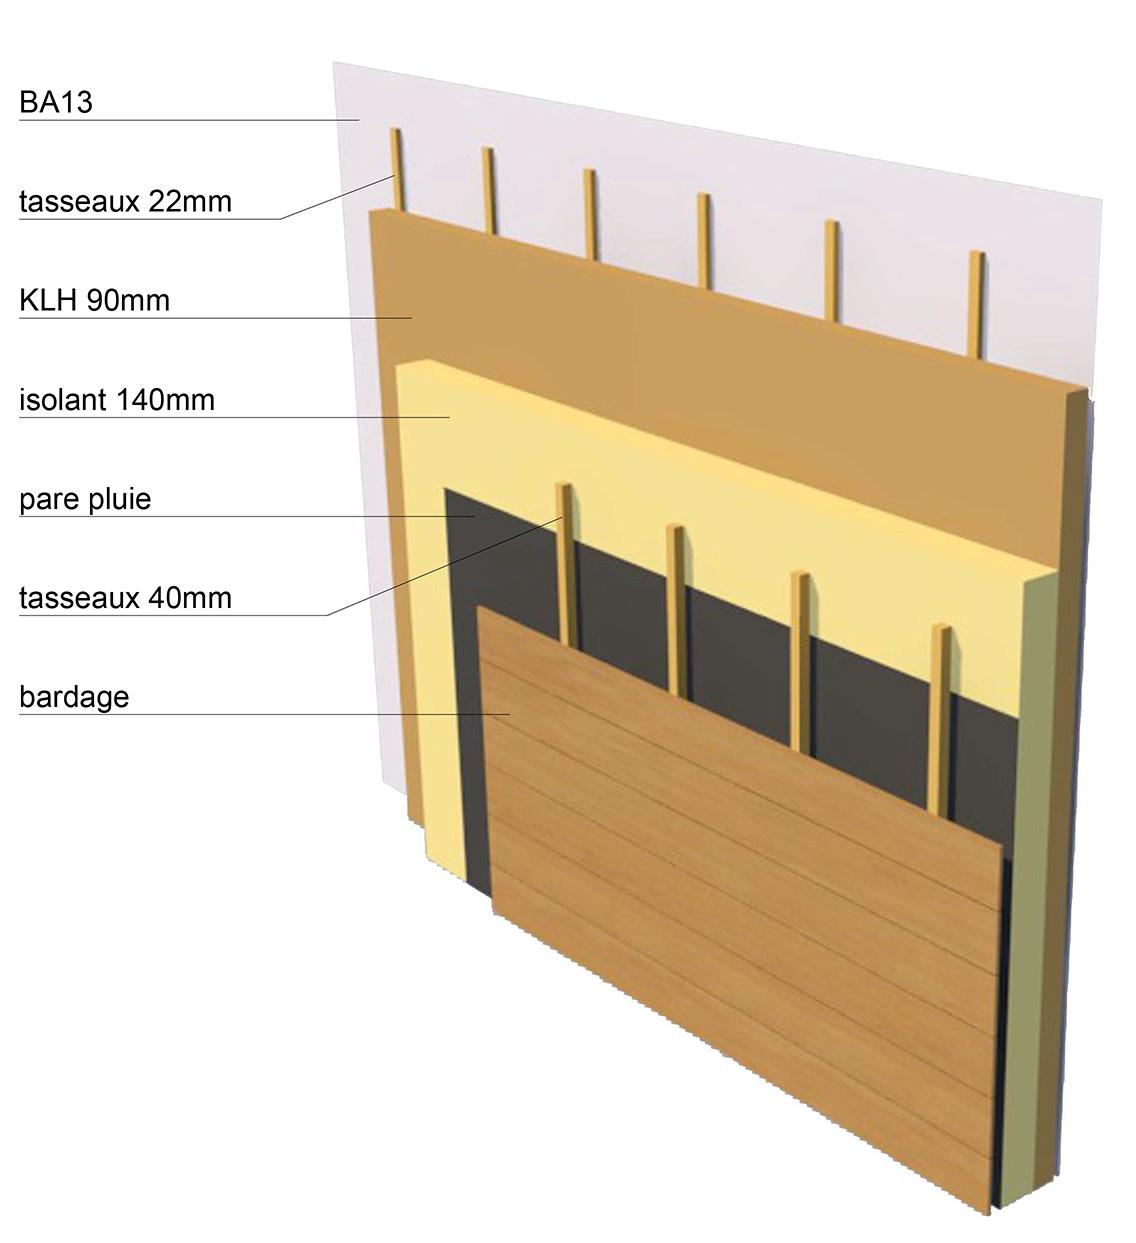 Prix M2 Hors D Eau Hors D Air destiné construction en bois - bm concept habitat